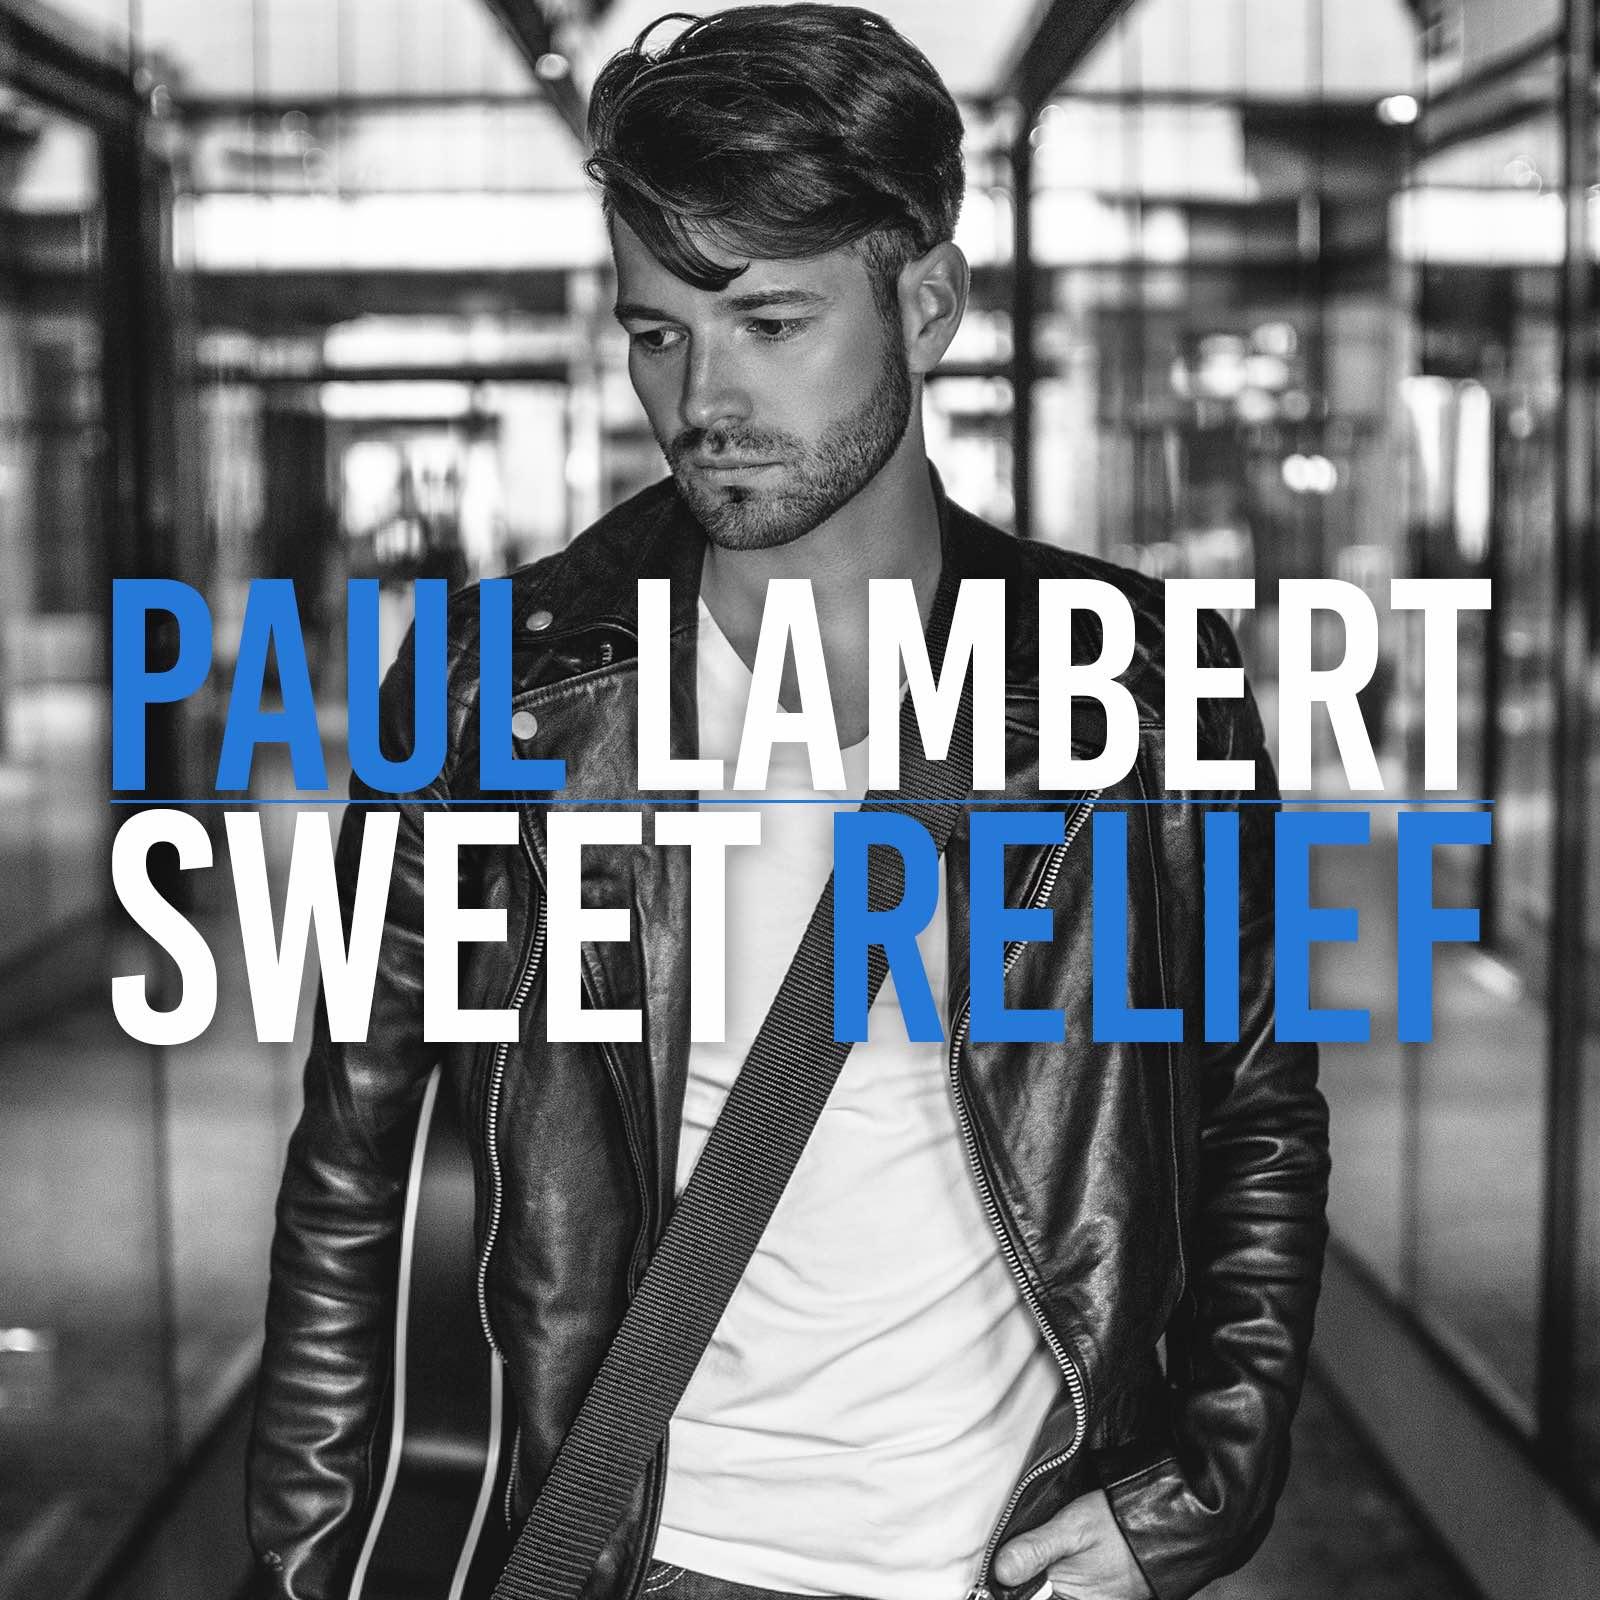 Paul Lambert -Sweet Relief  Release date :Jan 23. 2017  Credit :Producer, Engineer, Mixer